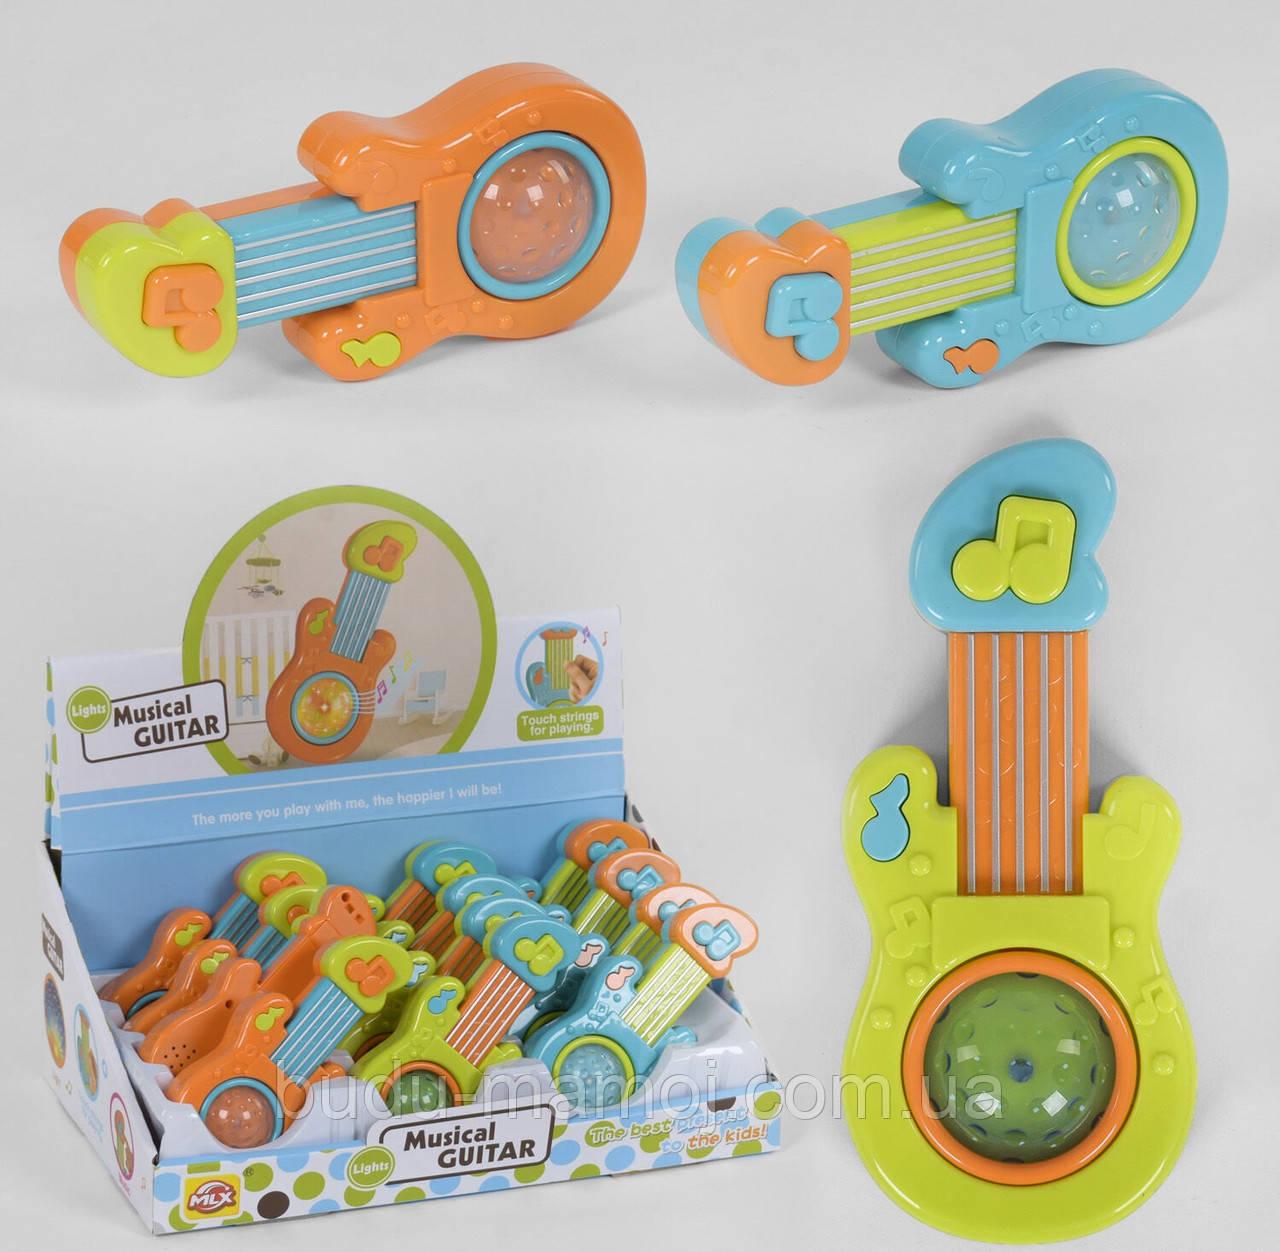 Музыкальная игрушка маленькая гитара разные функции